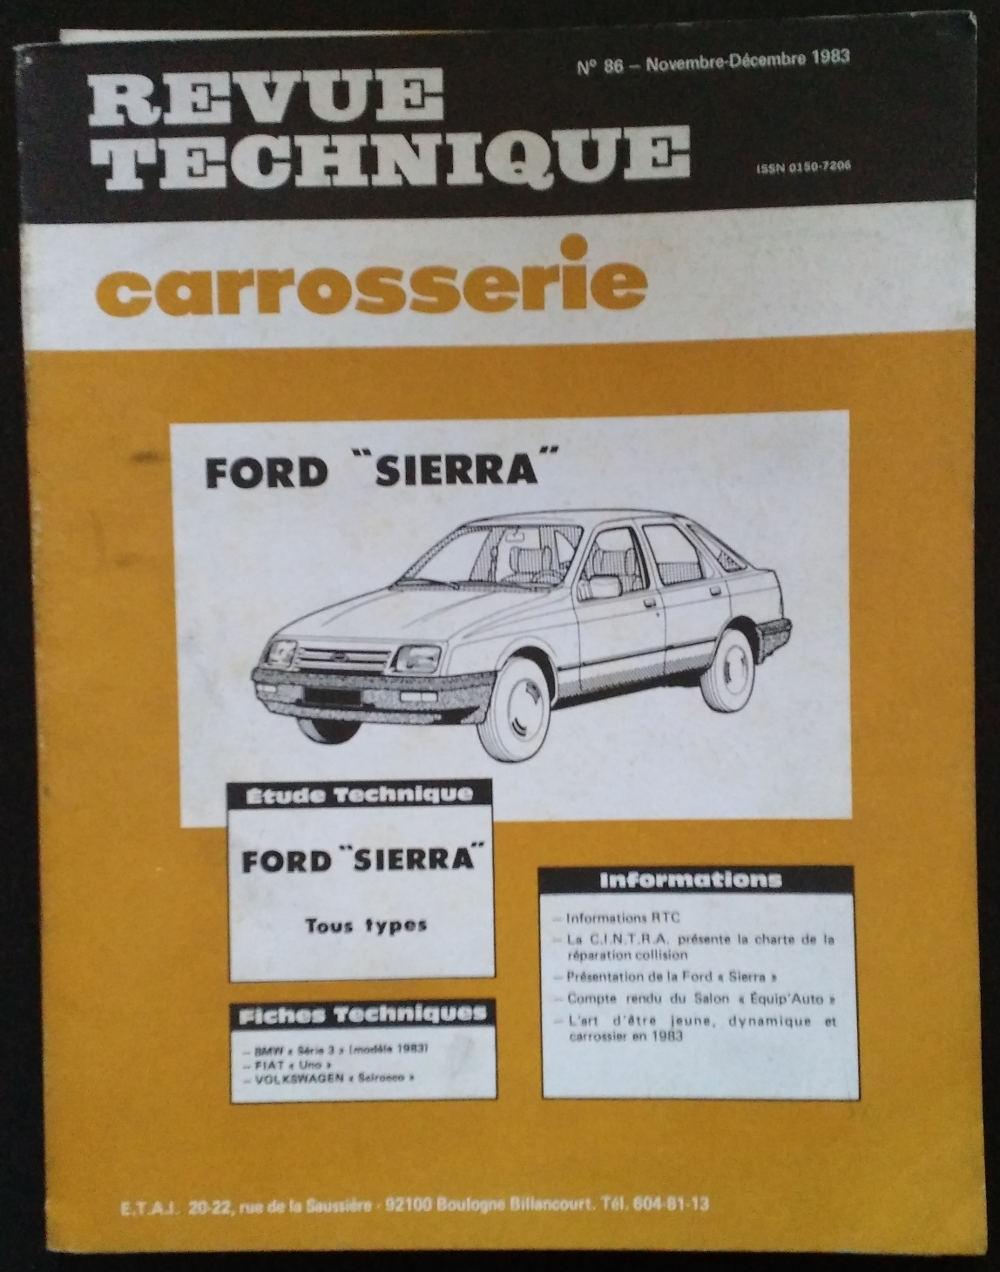 Revue Technique Carrosserie pour Ford Sierra